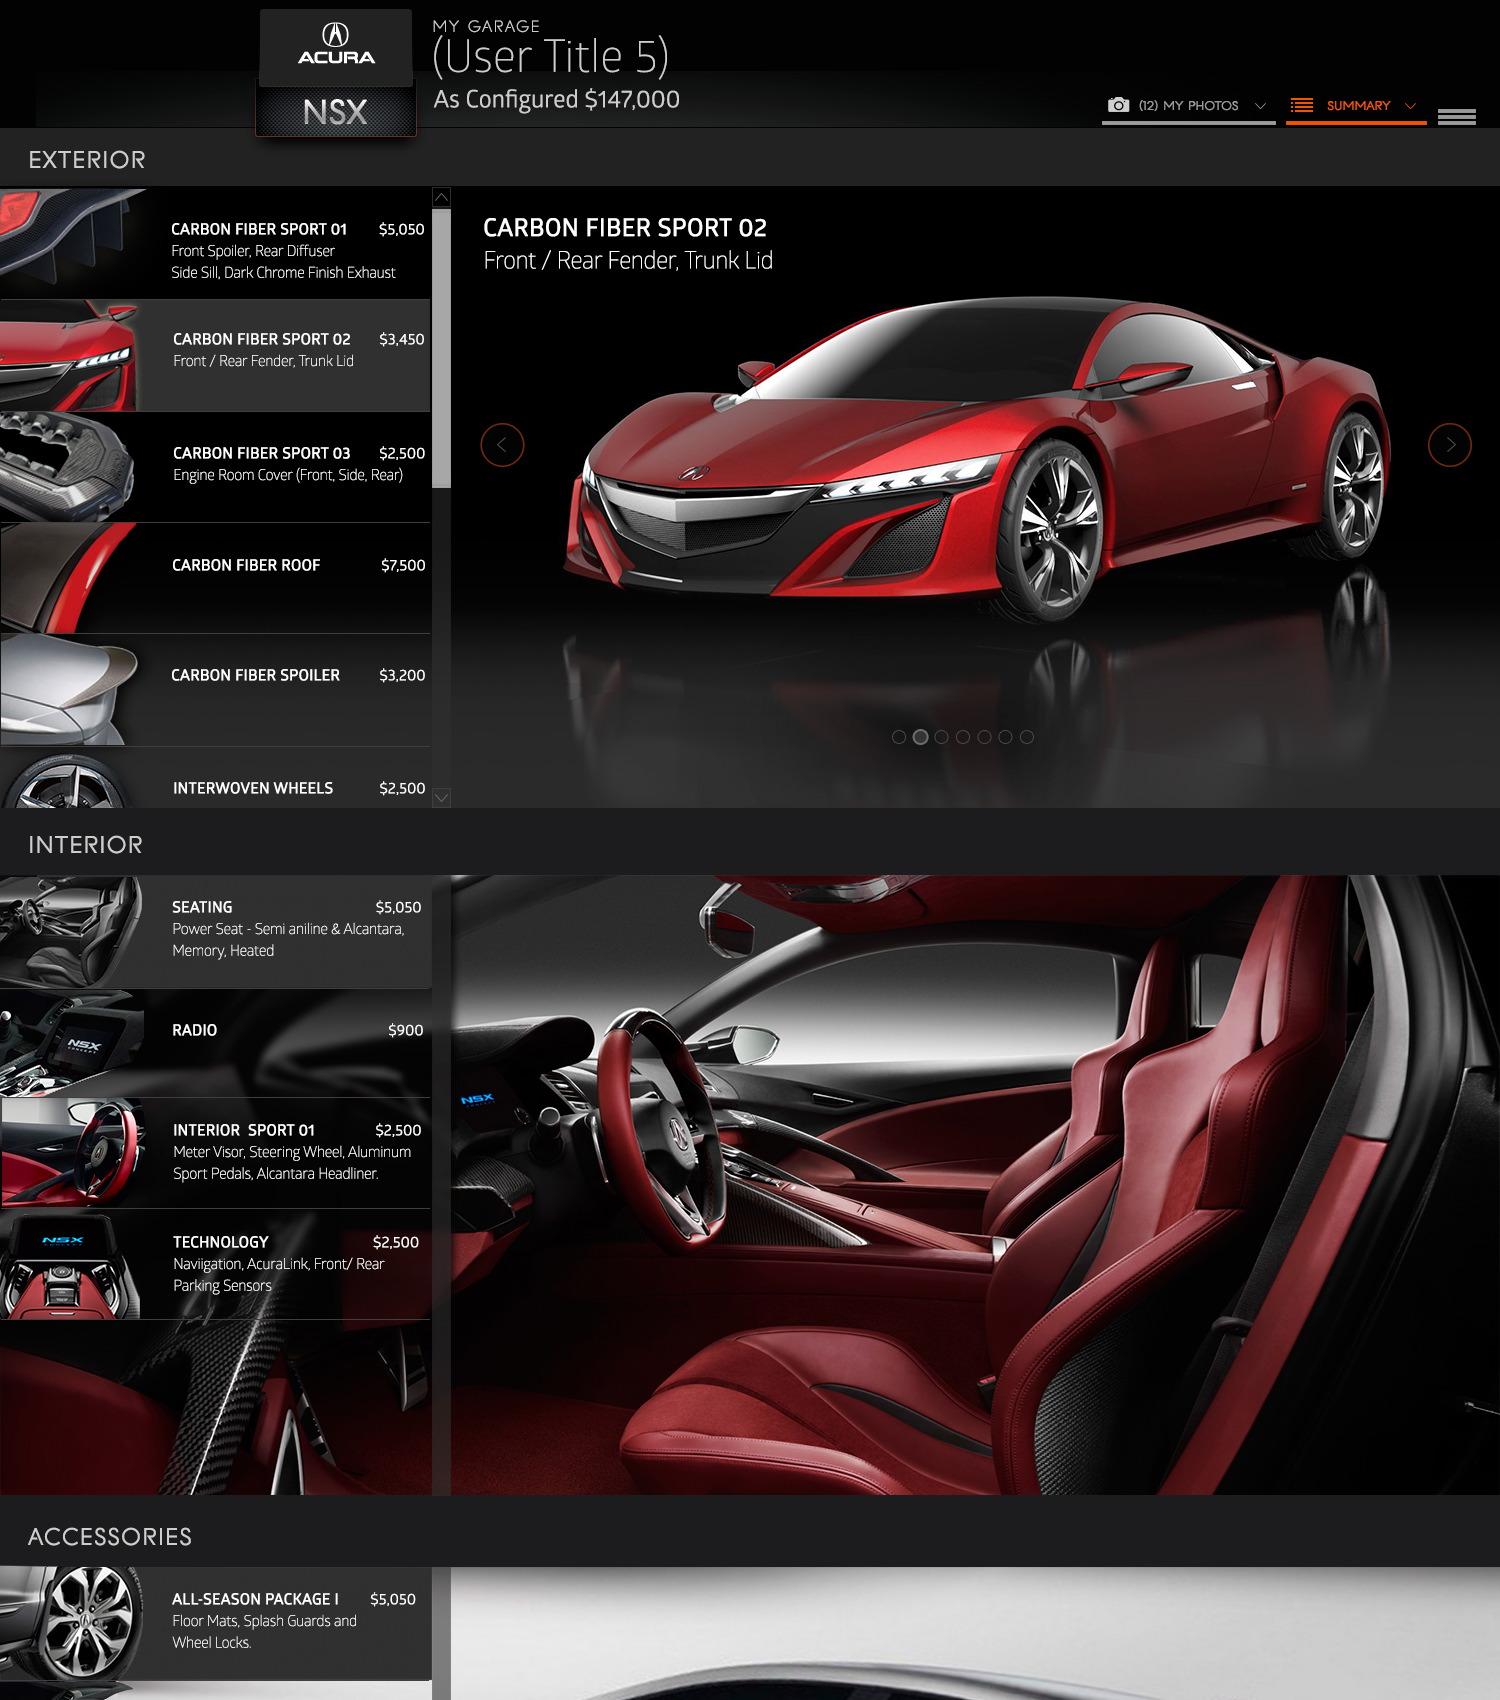 Acura_NSX_BTO_Garage_Concept_09.JPG